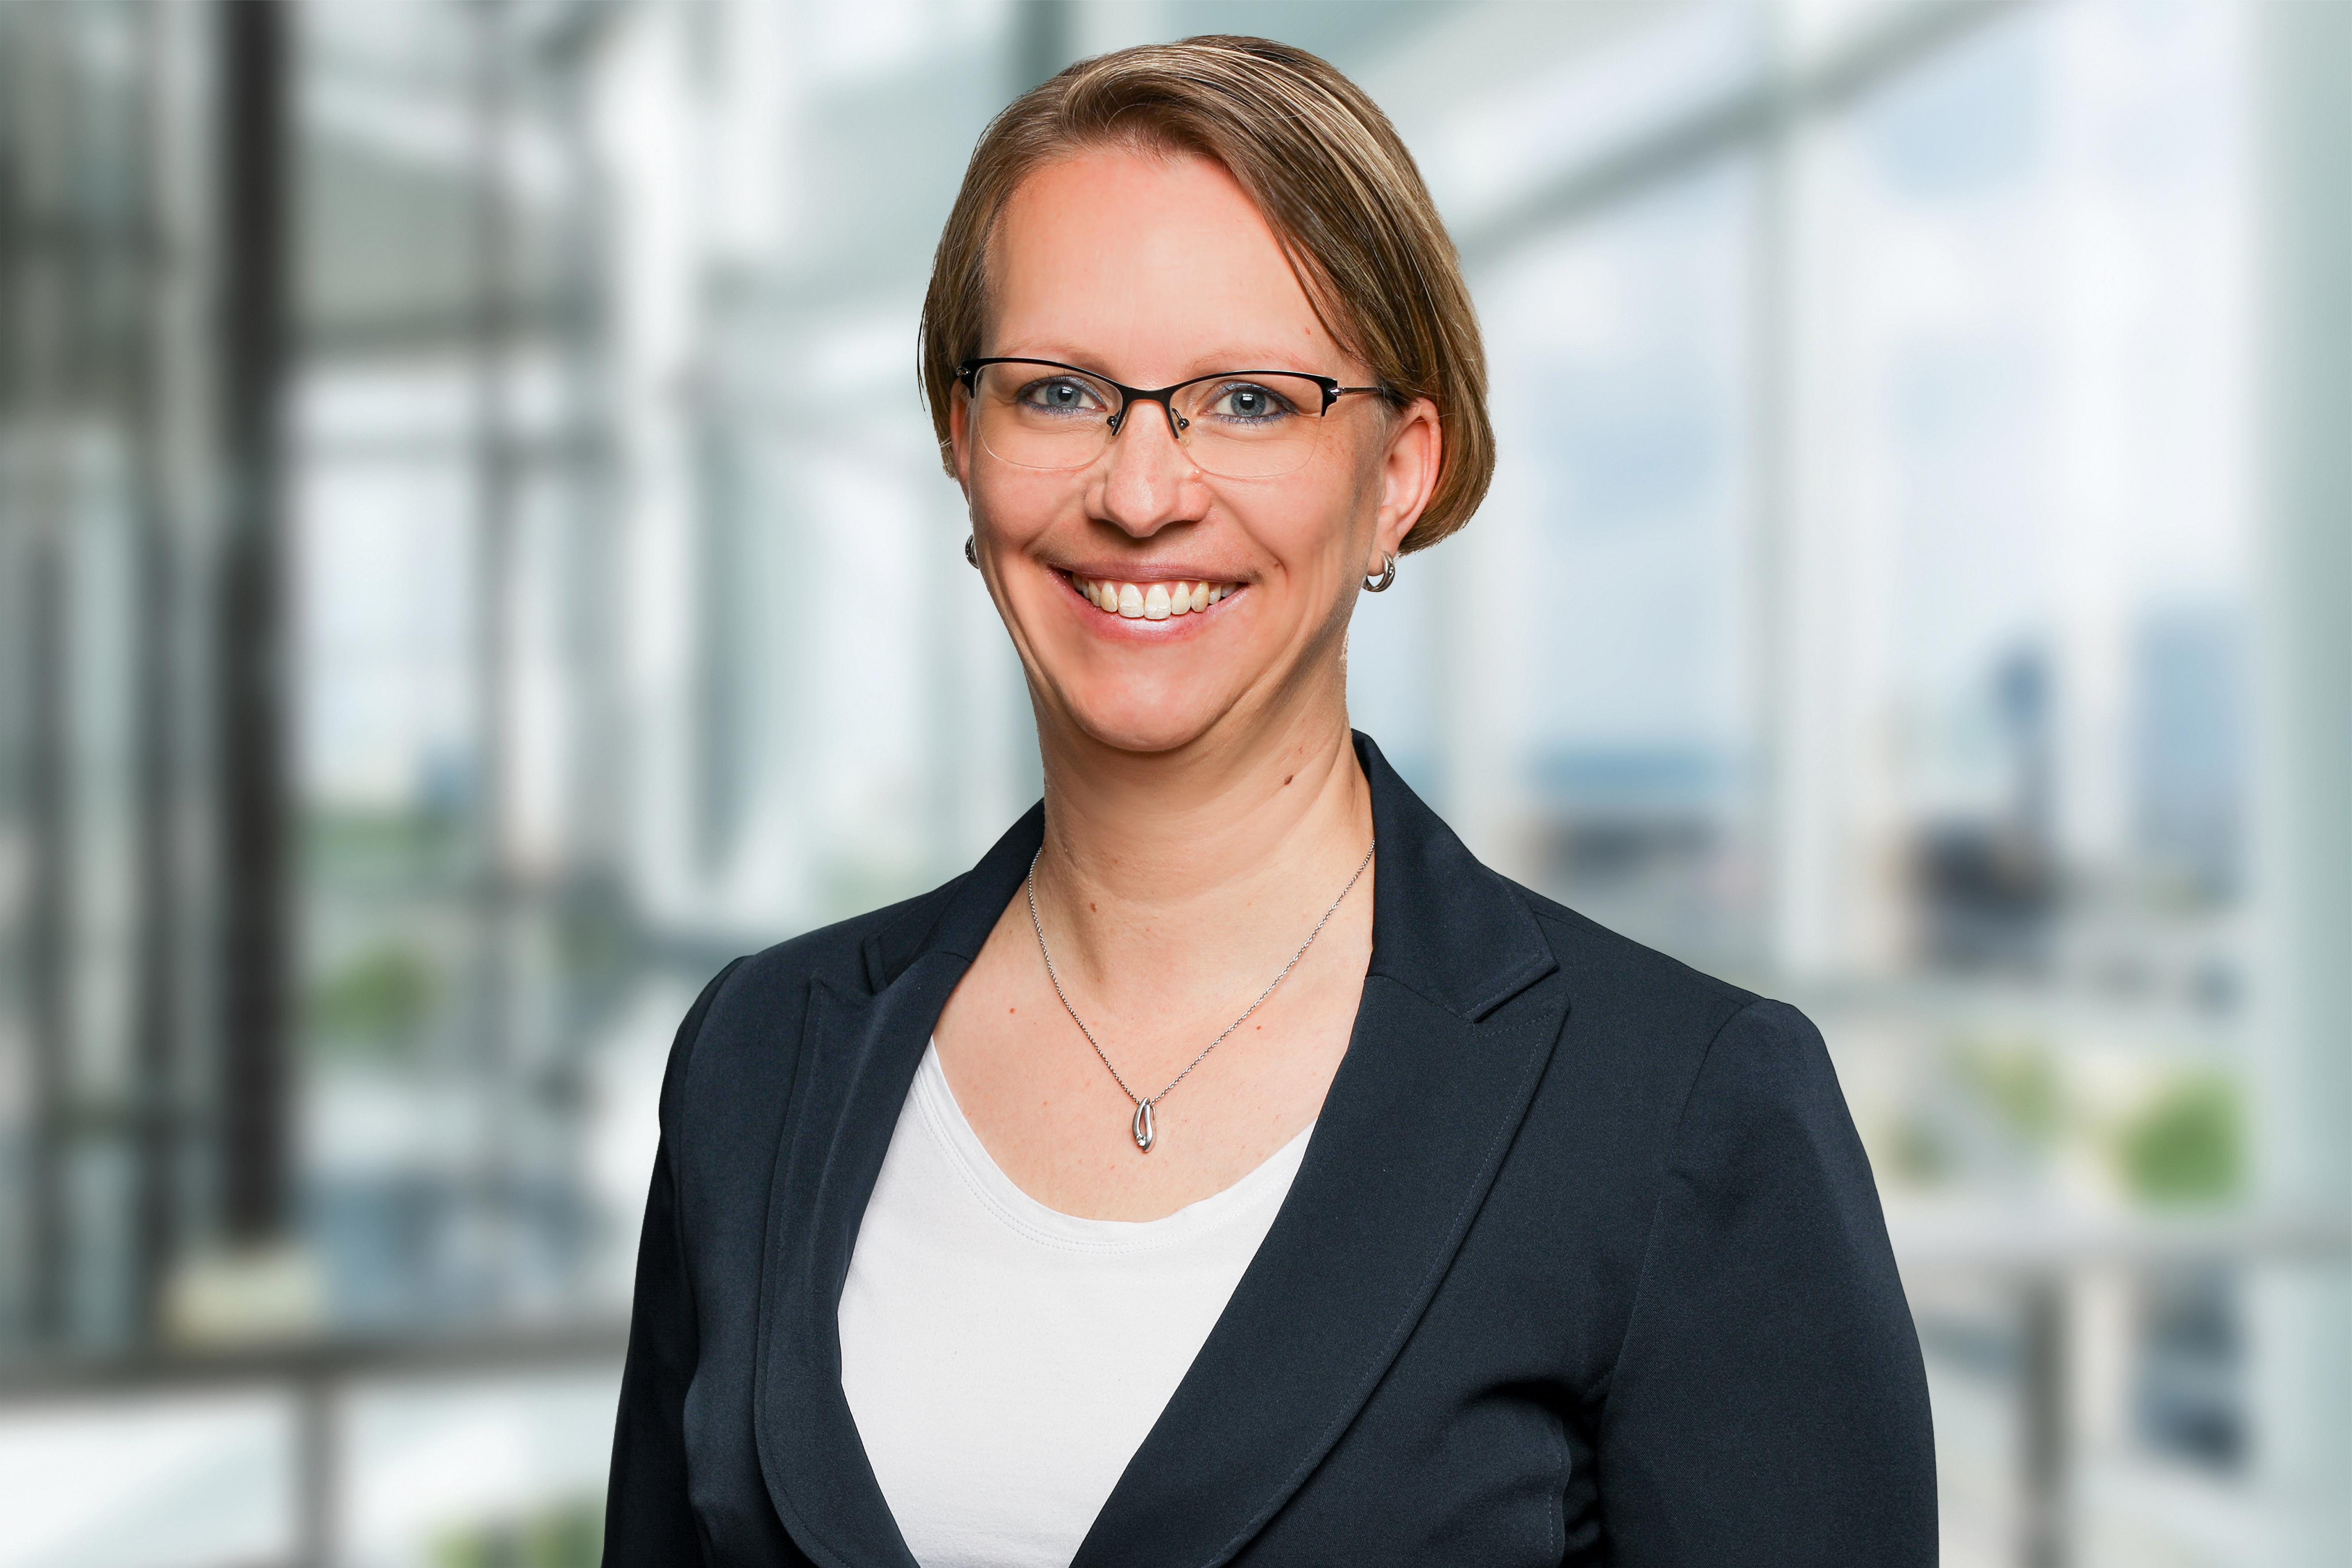 Stefanie Melcher